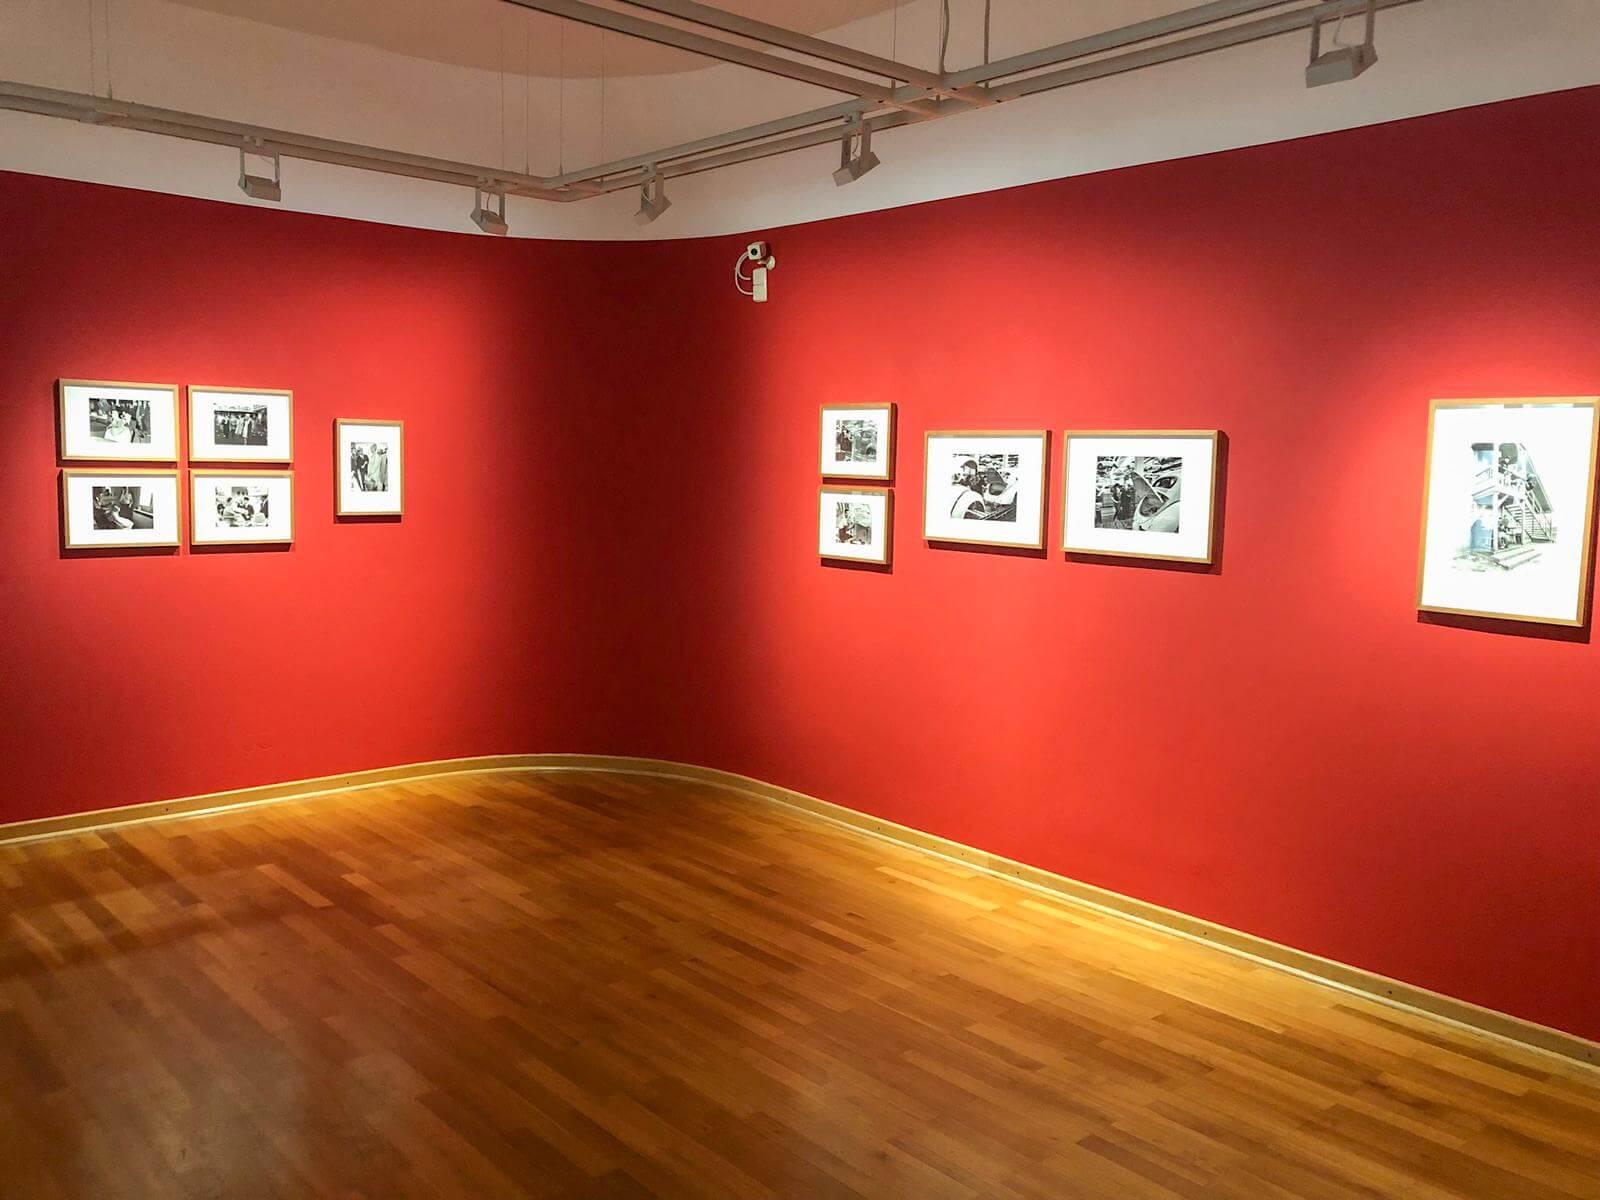 Einer der Ausstellungsräume / Foto: FLOW WOLF